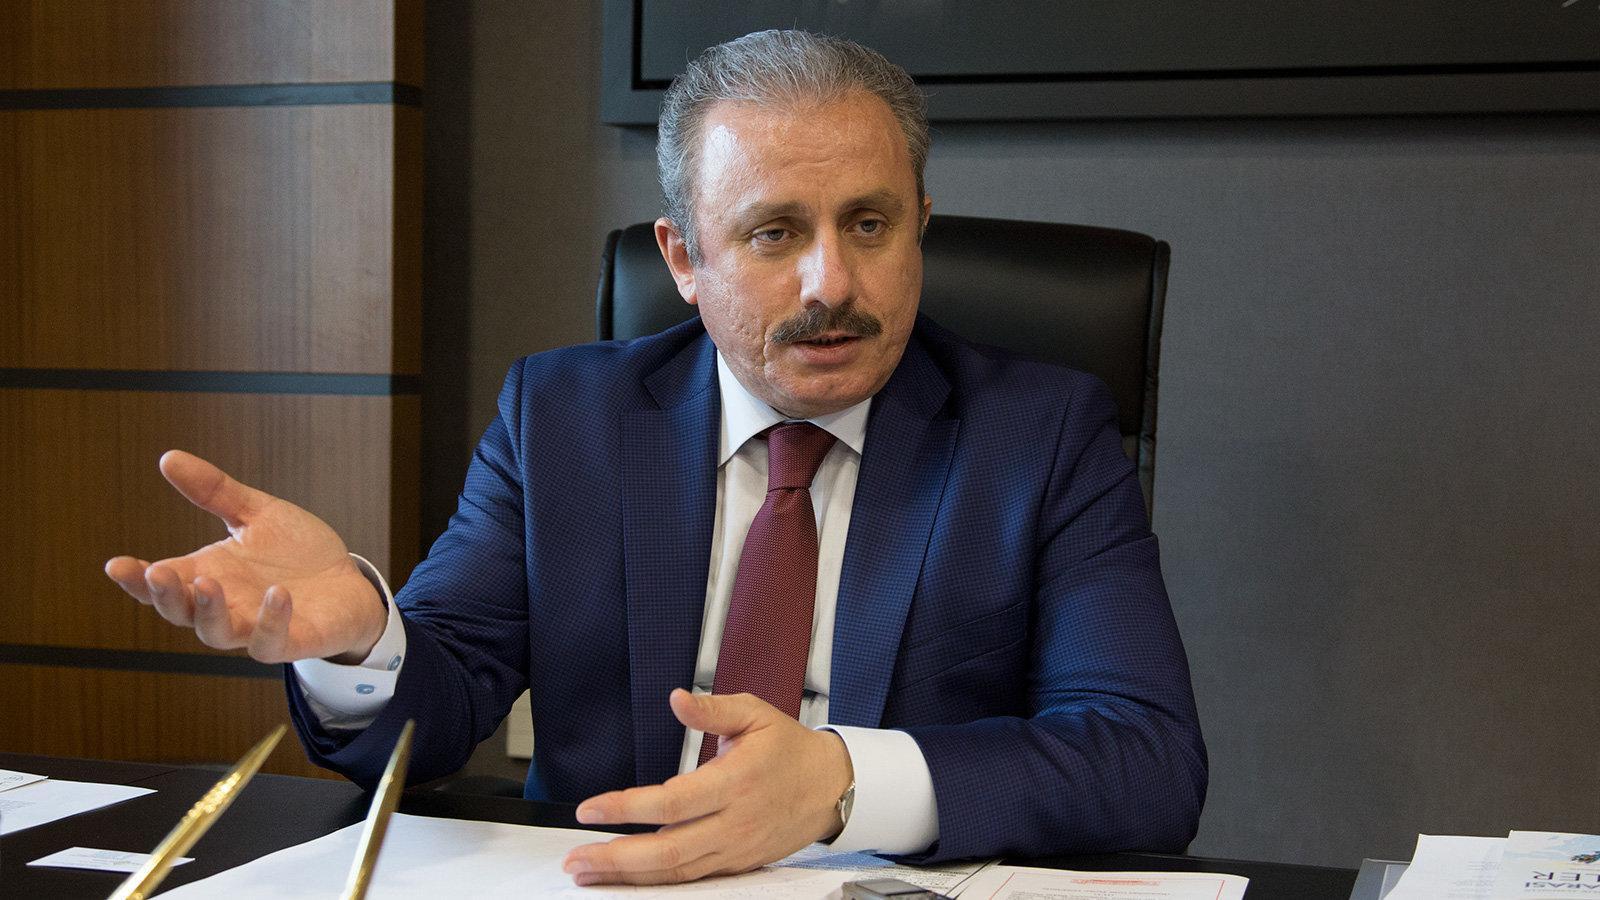 TBMM Başkanı Şentop'tan tartışma çıkaracak devlet üniversitesi açıklaması